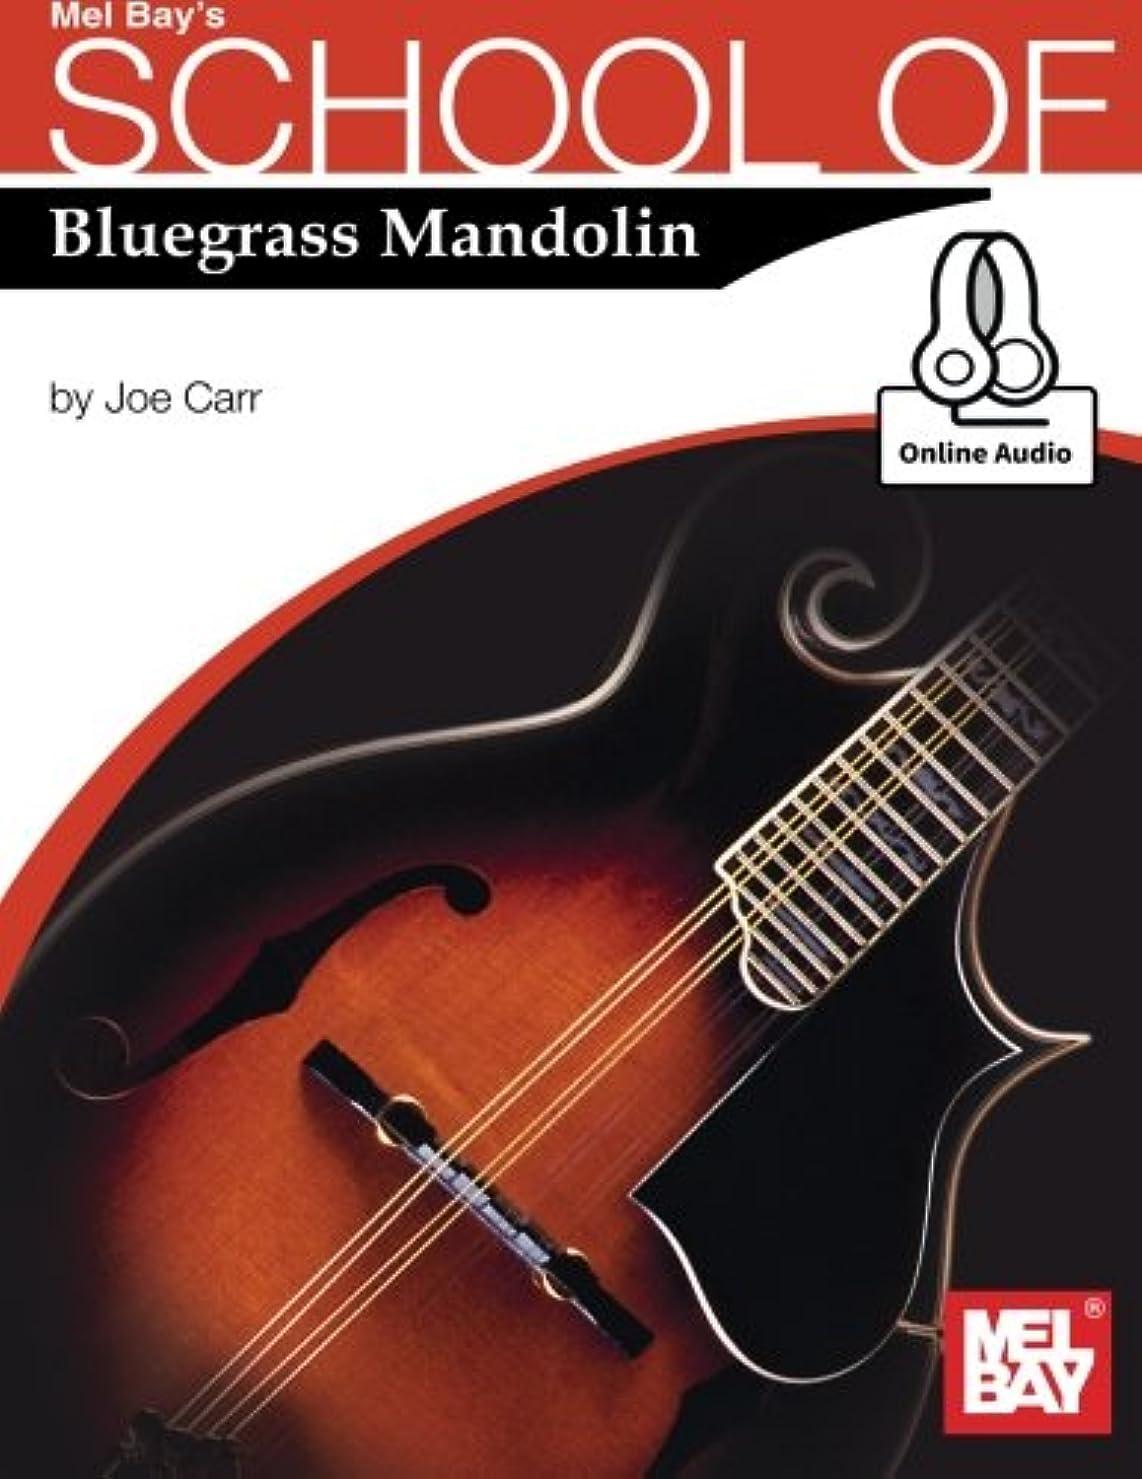 有彩色のヤギトラックSchool of Mandolin - Bluegrass: Includes Online Audio